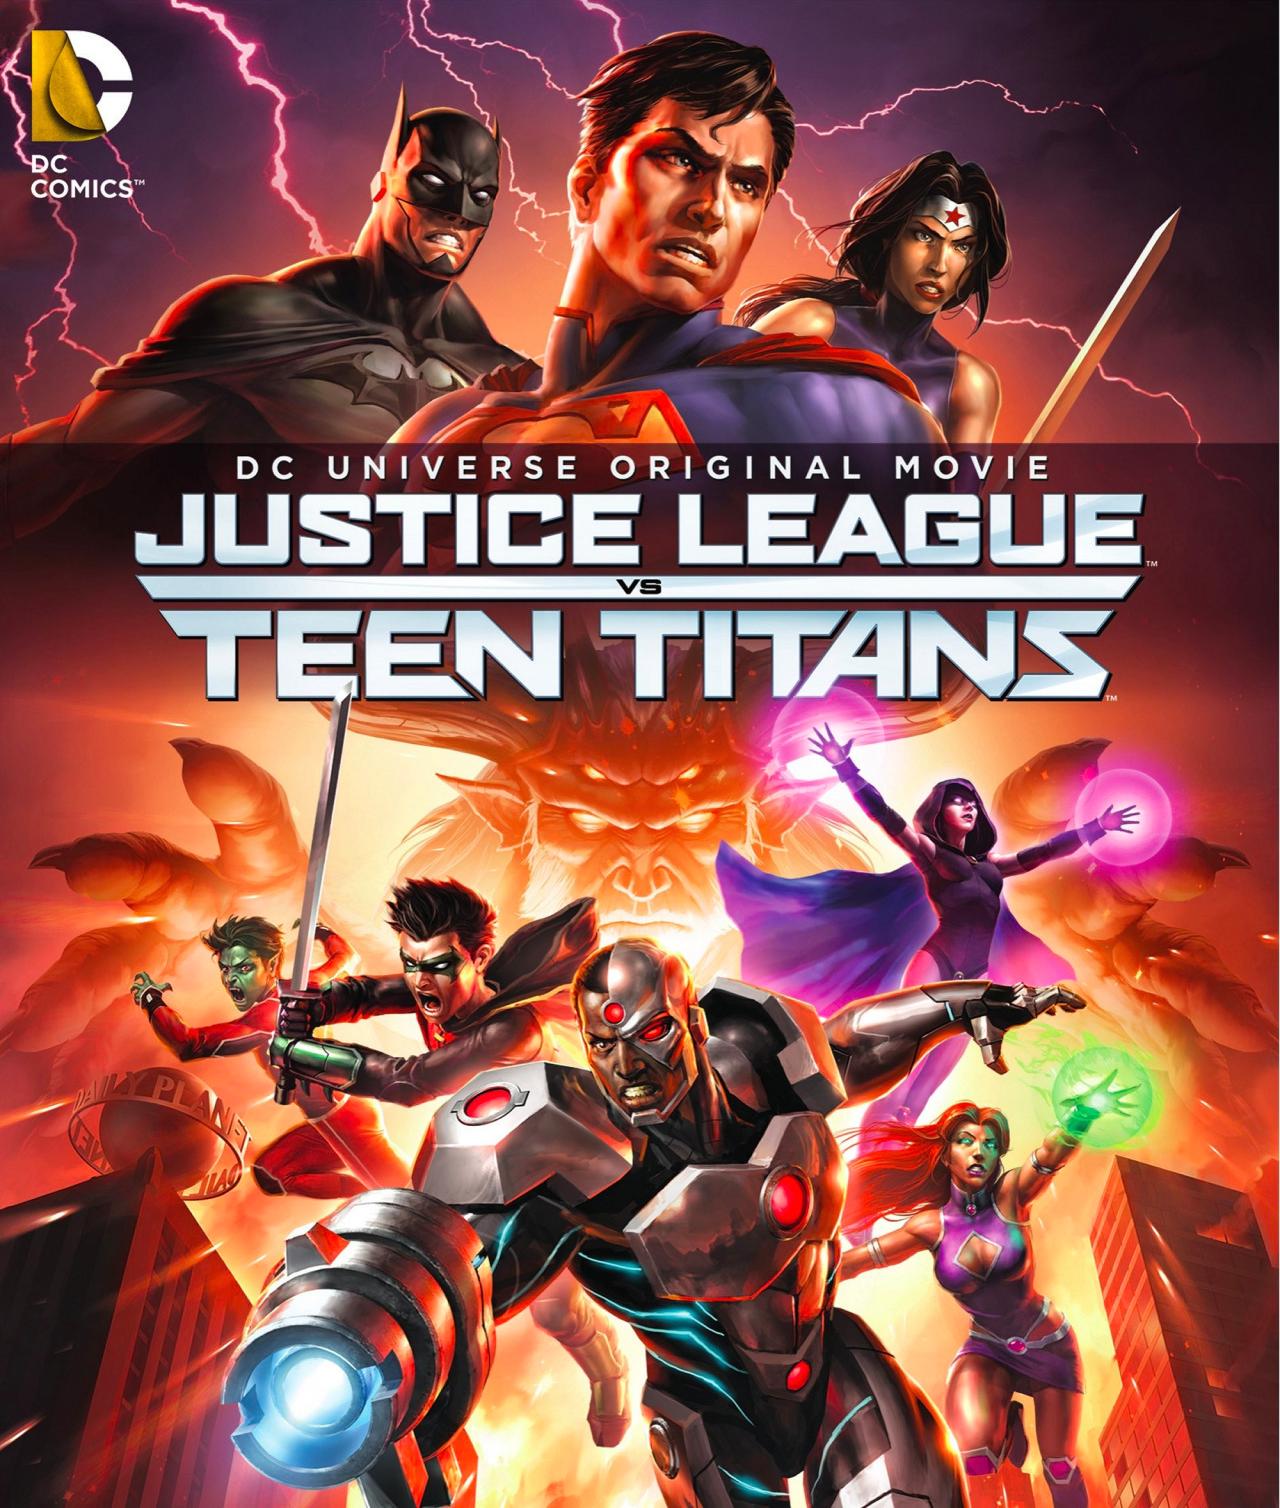 Adalet Birliği Genç Titanlara Karşı - Justice League vs. Teen Titans (2016) - türkçe dublaj film indir